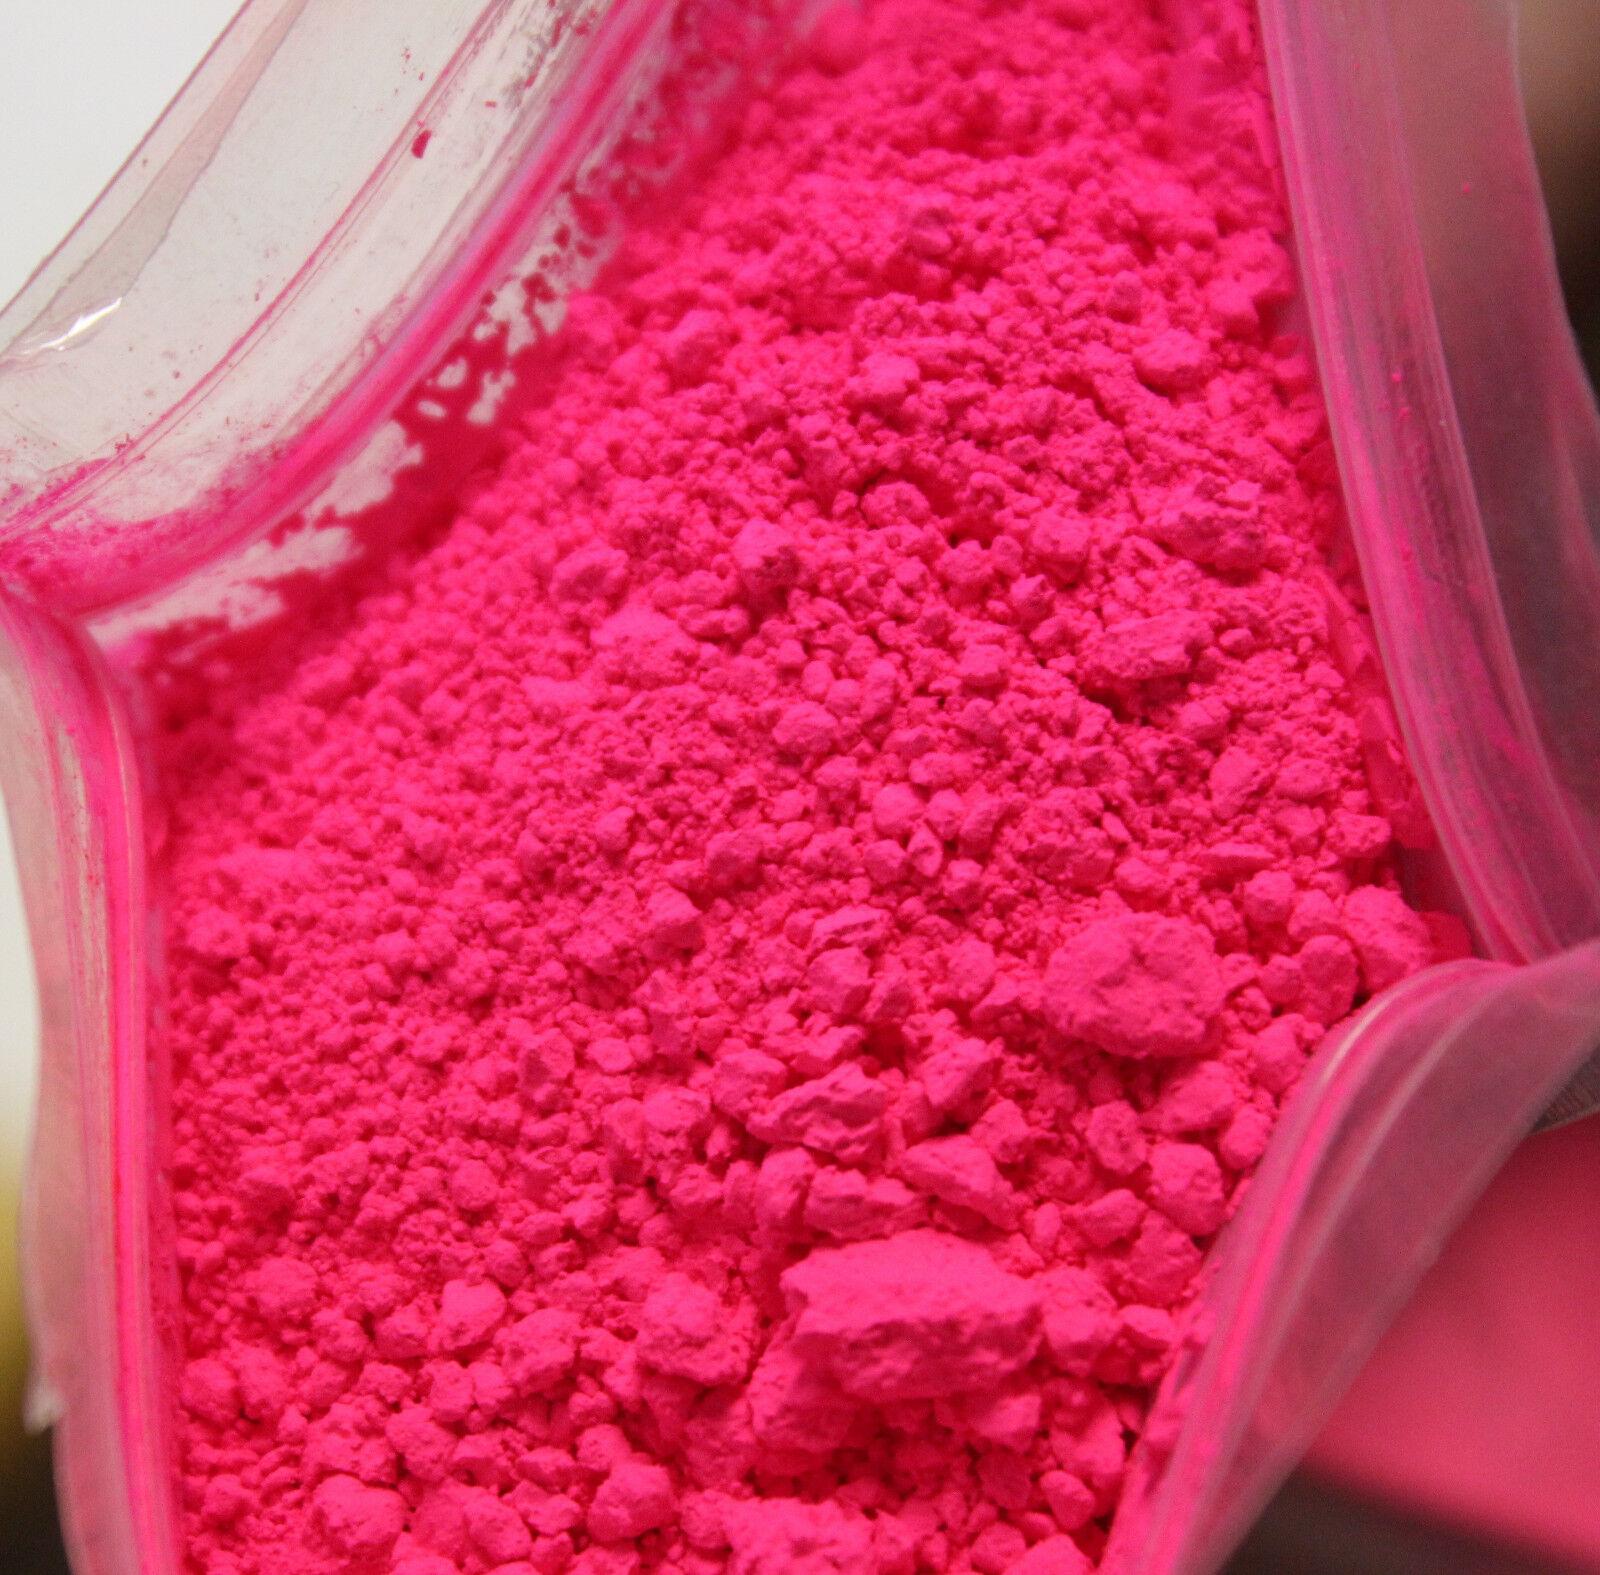 это розовый краситель картинка очистил